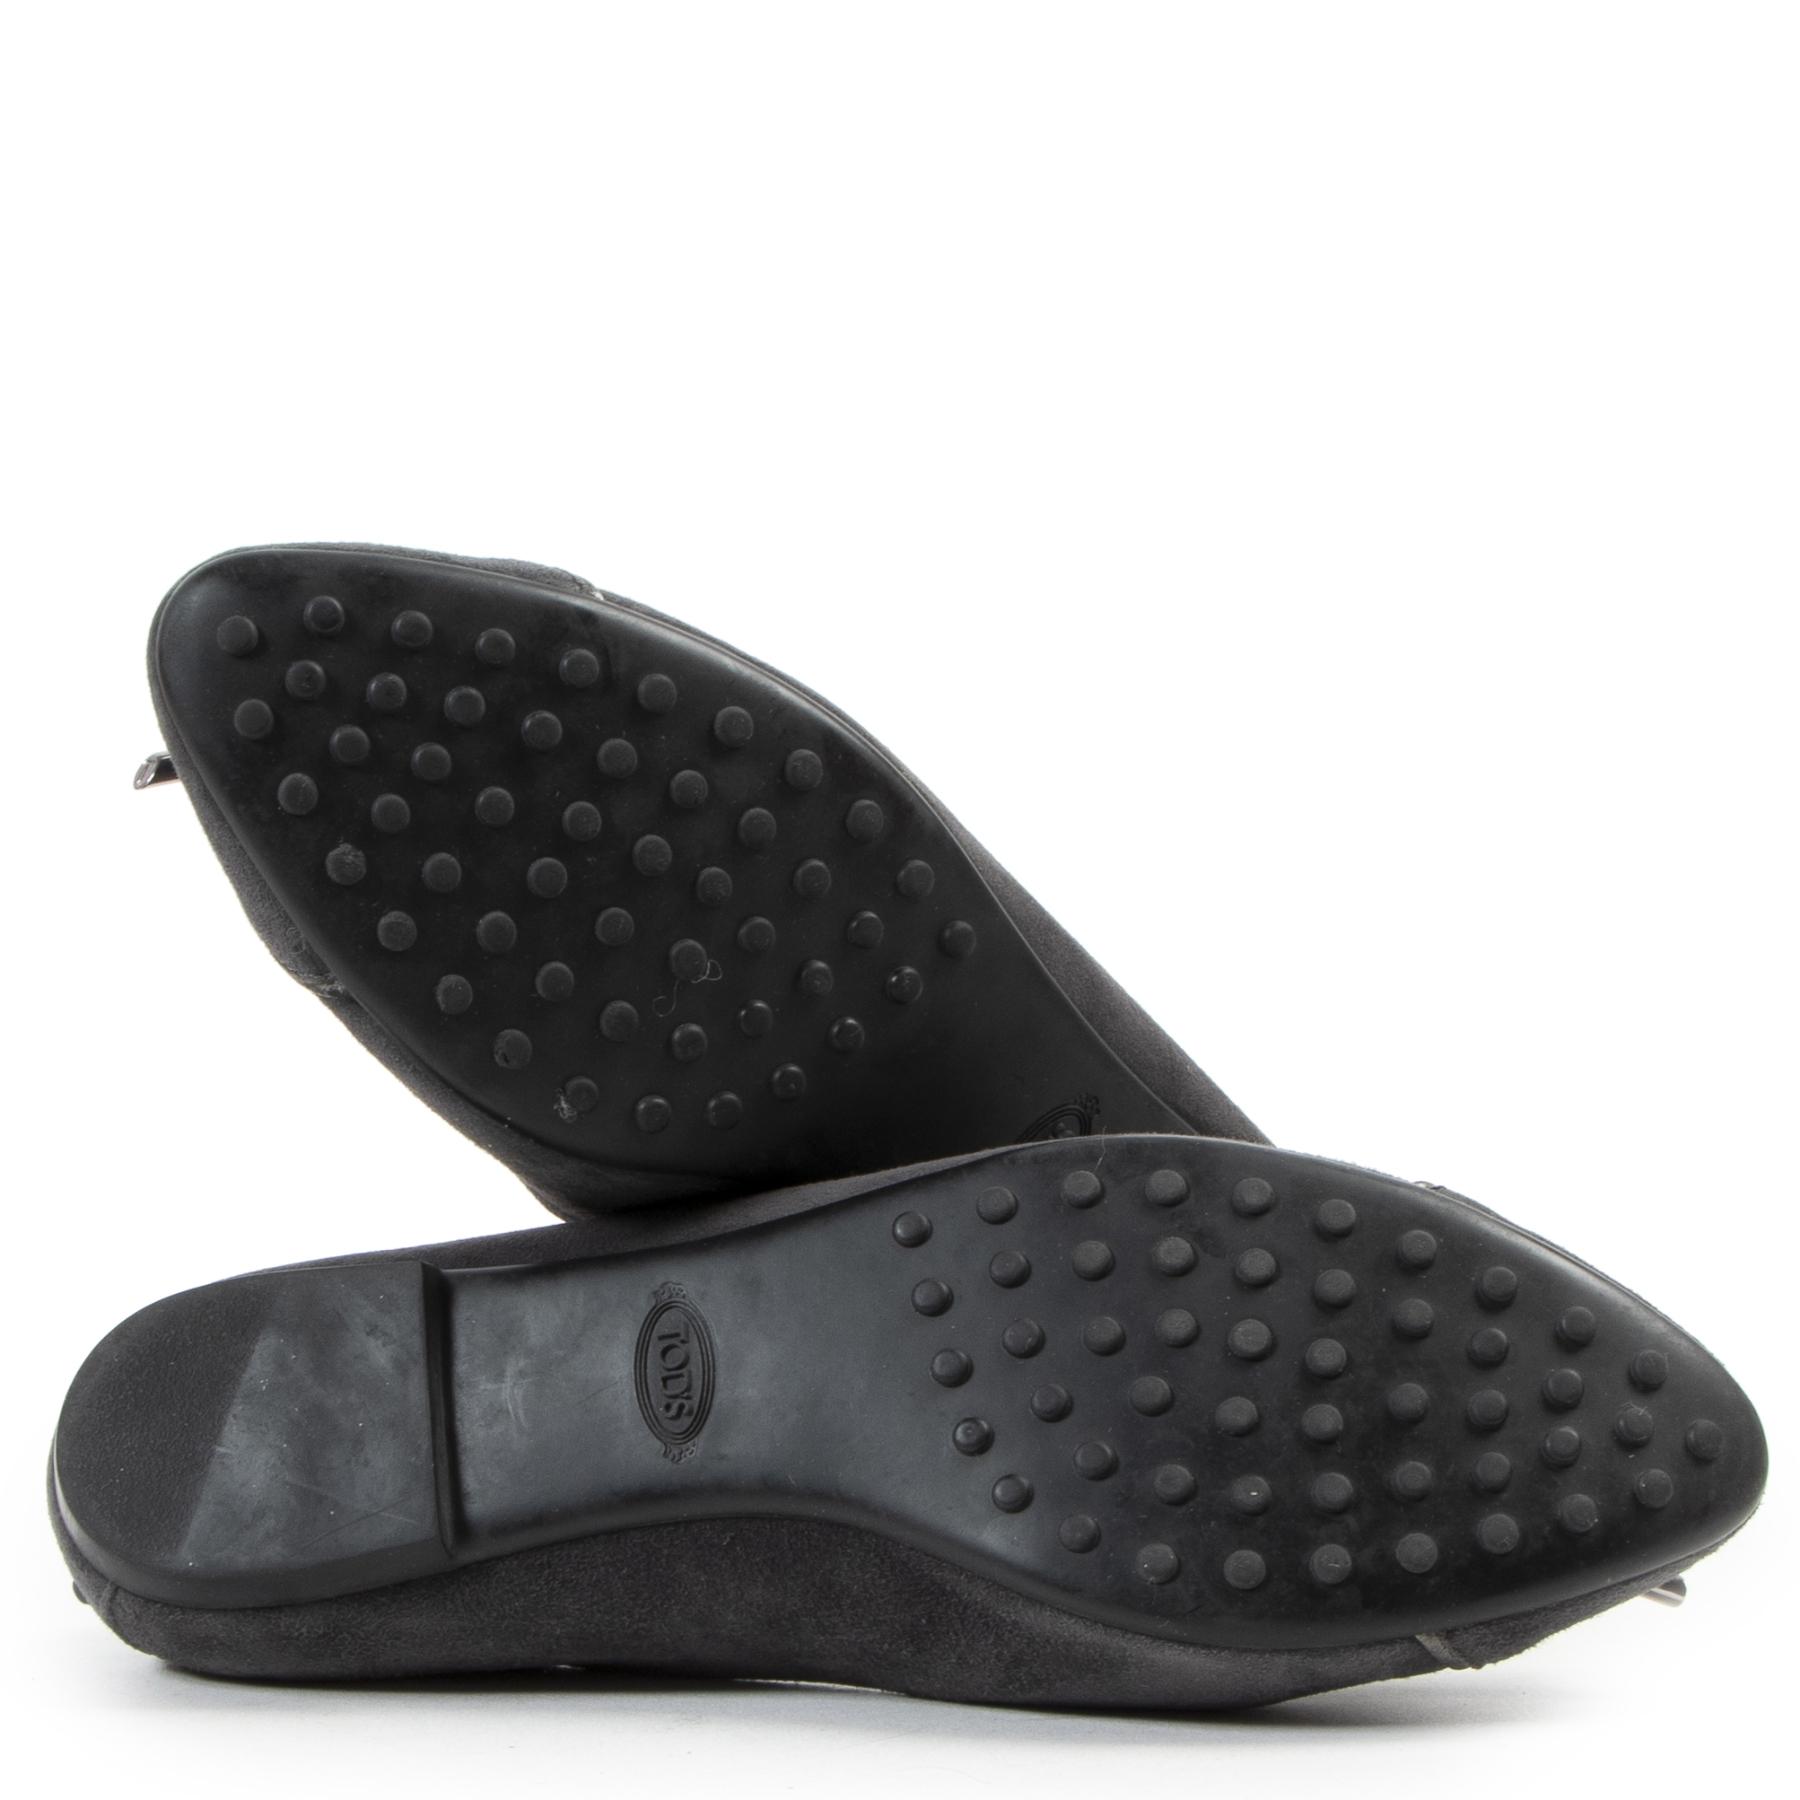 Acheter d'authentiques chaussures Tod's d'occasion à bon prix chez LabelLOV